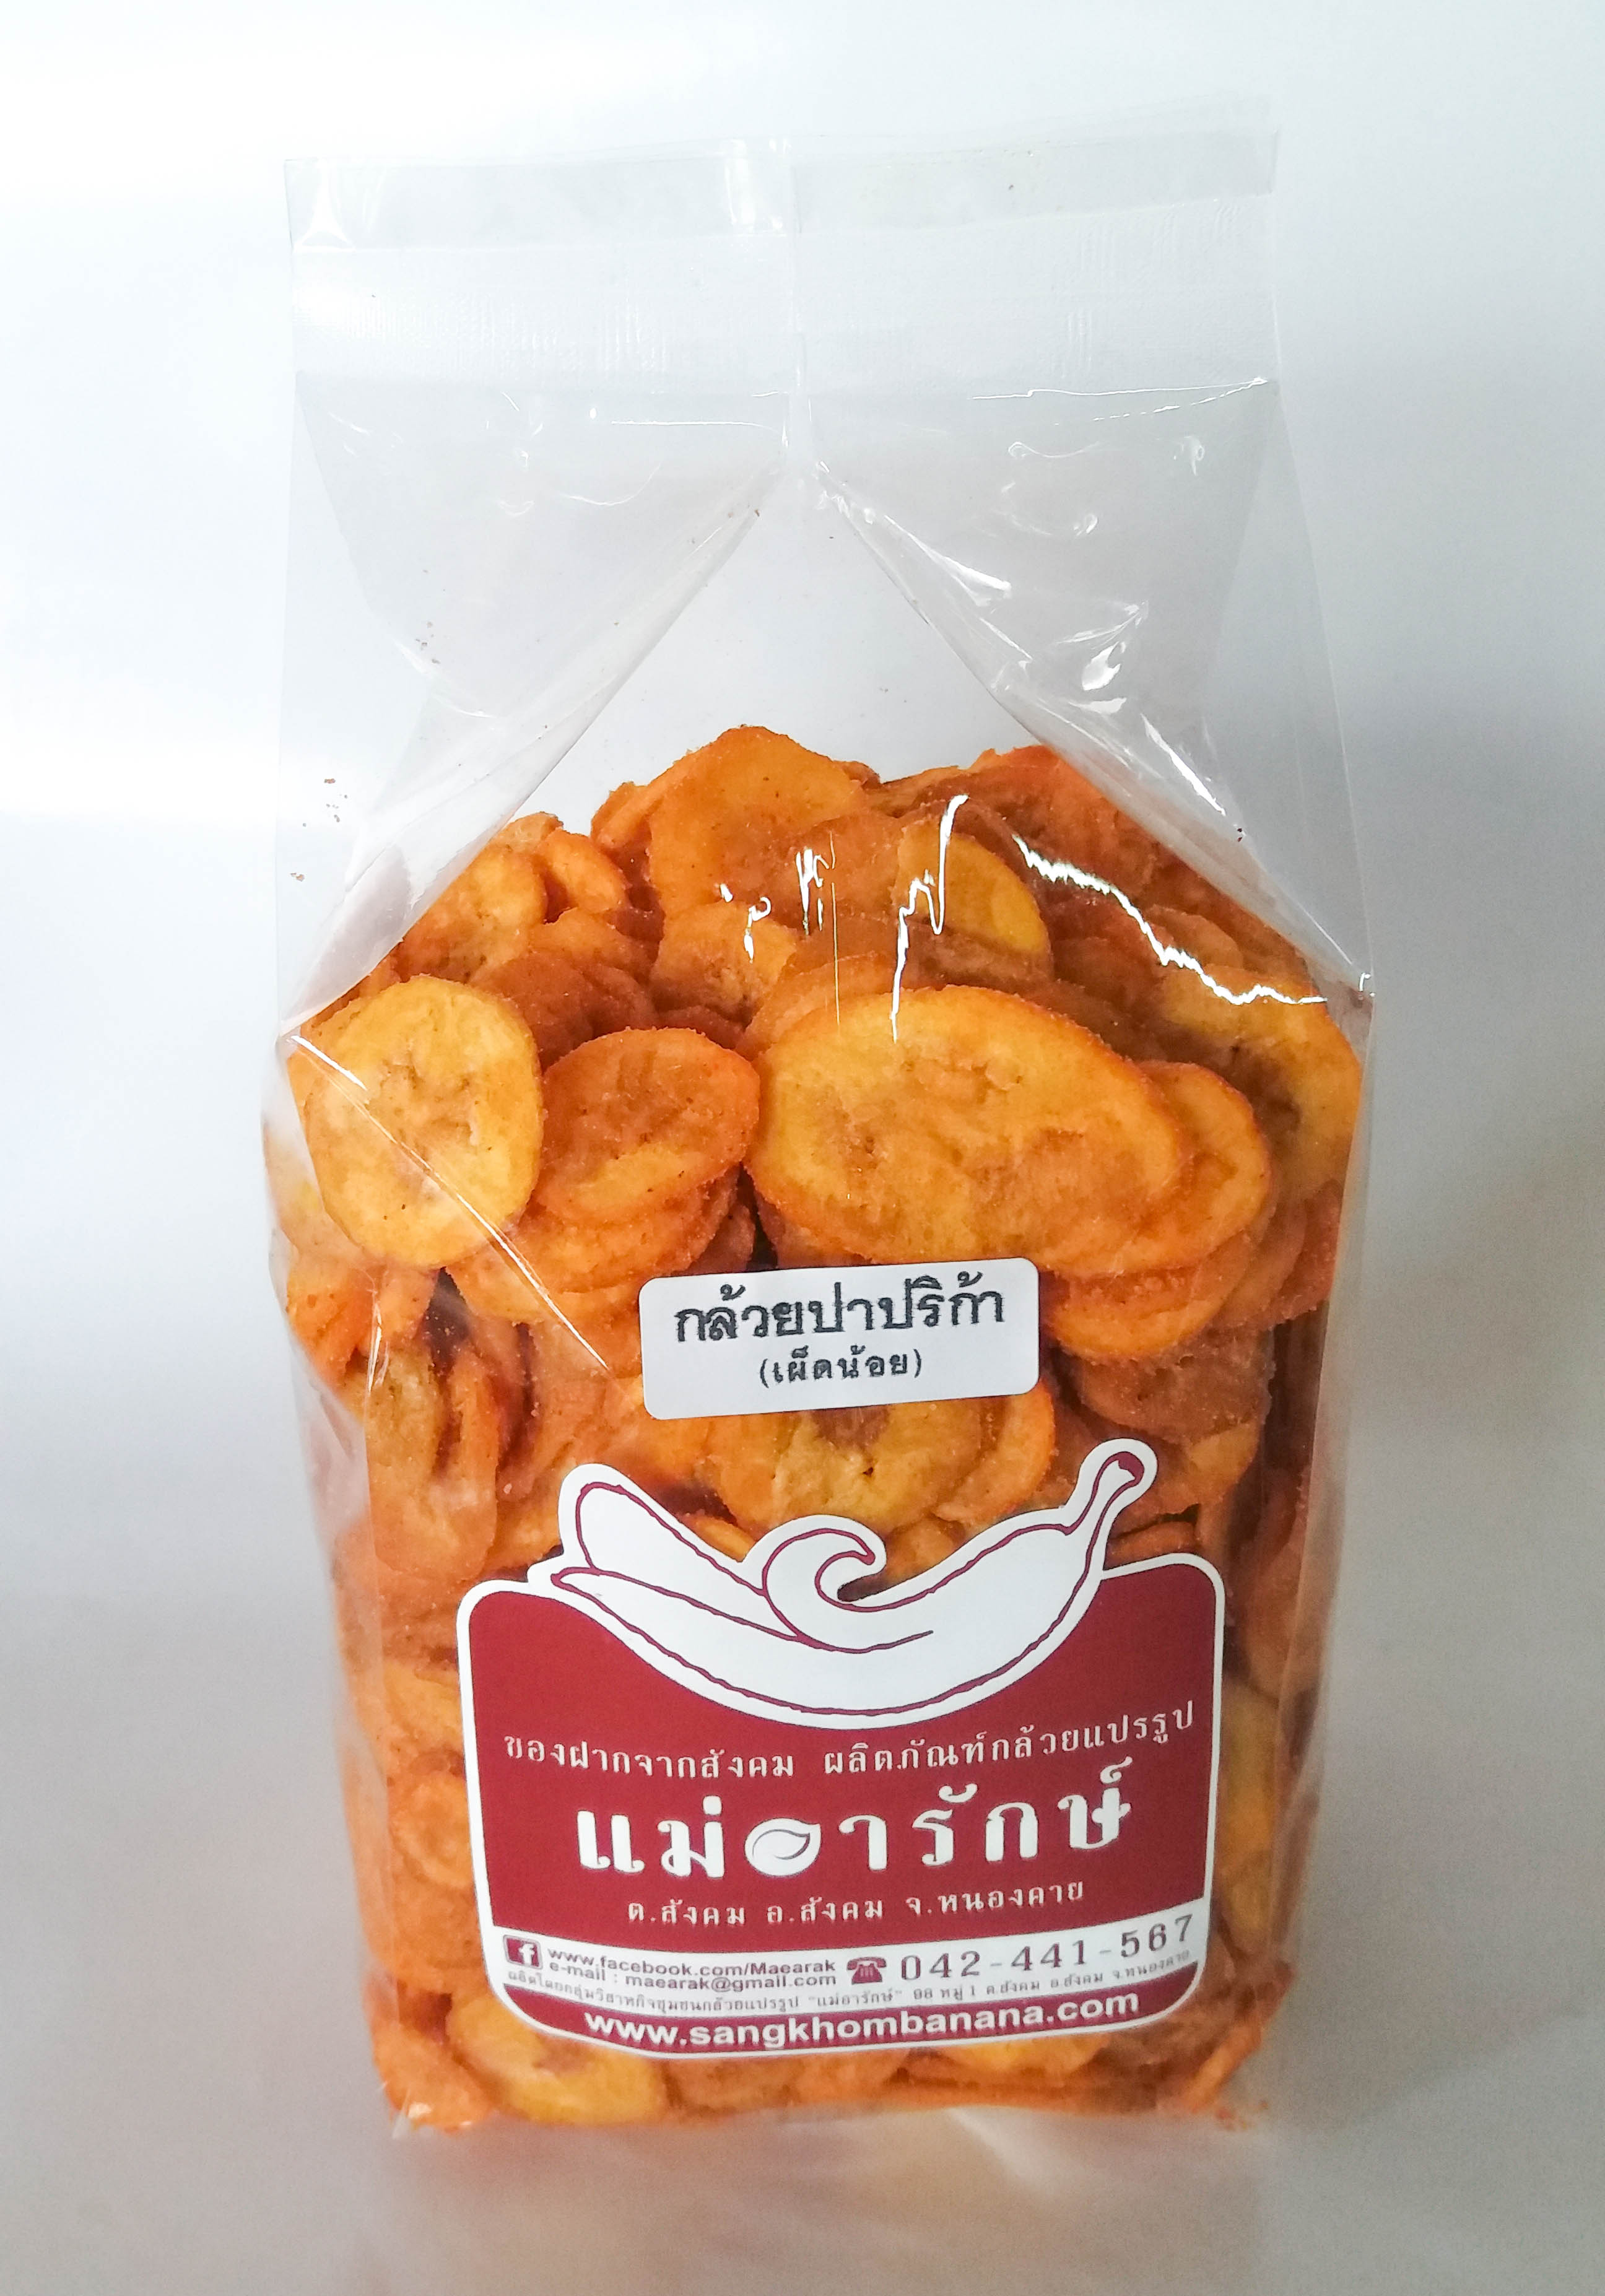 กล้วยทอด รสปาปริก้า (1/2kg.)